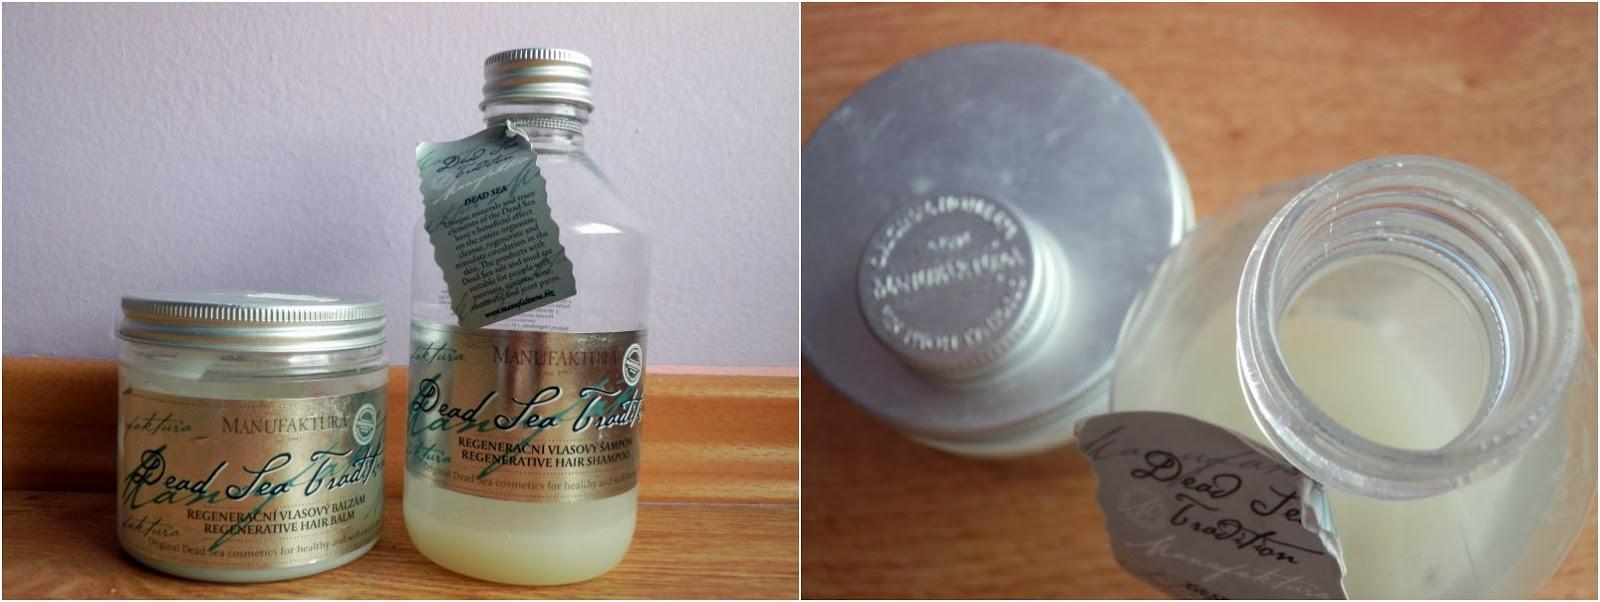 recenze Manufaktury, balzám a šampón